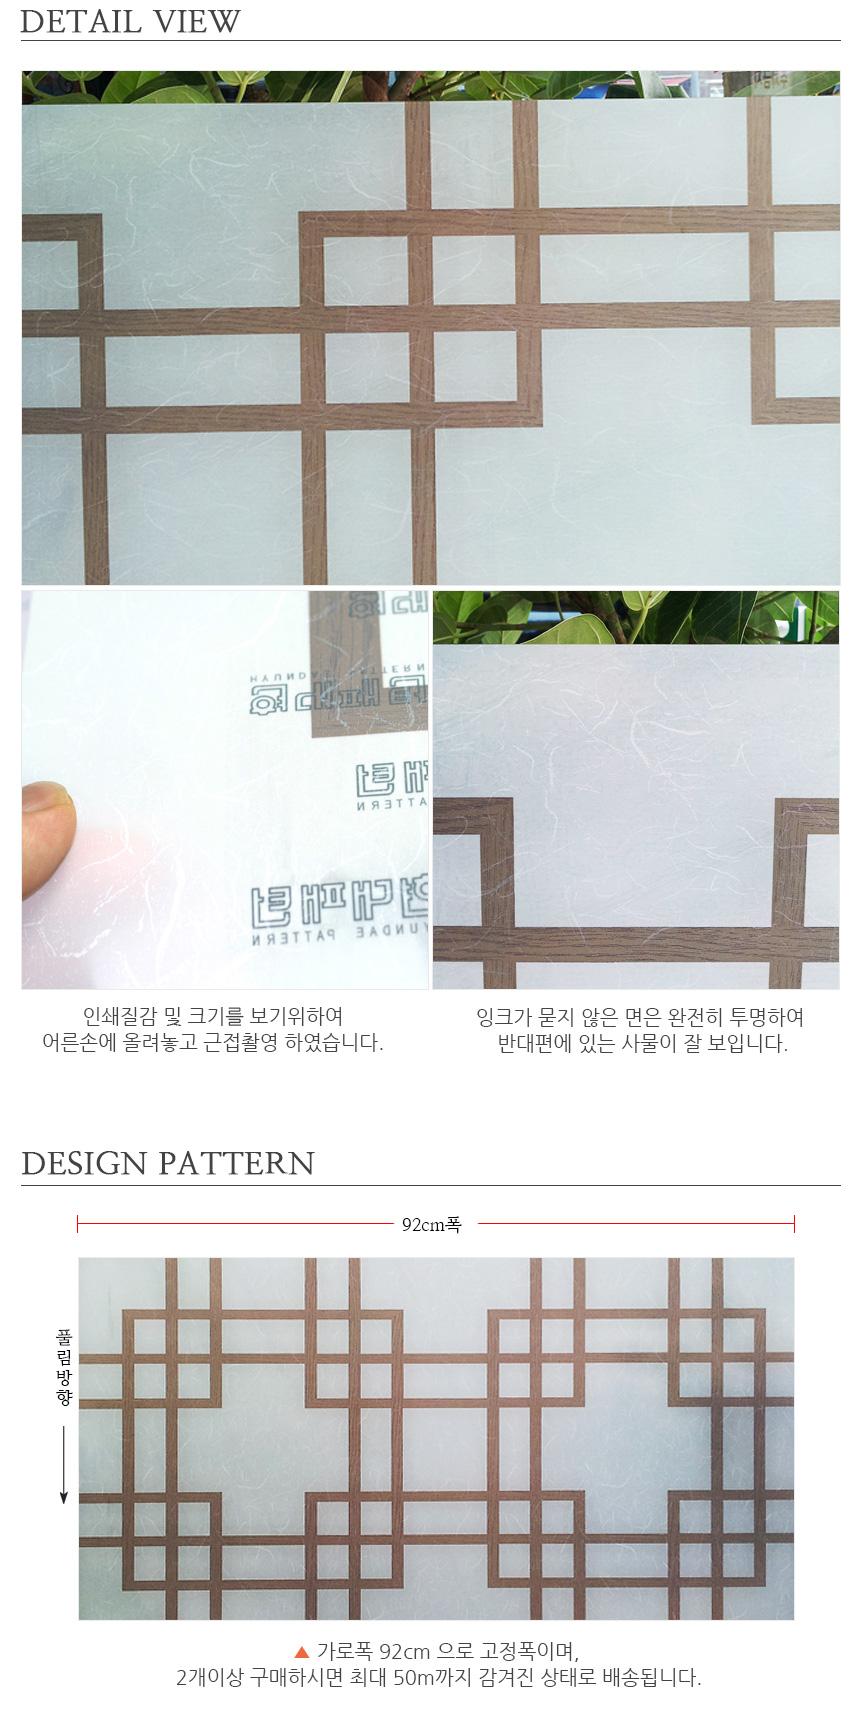 [데코사랑]창문용시트지(HP-84010/반투명) 한지격자 - 데코사랑, 4,560원, 벽지/시트지, 디자인 시트지